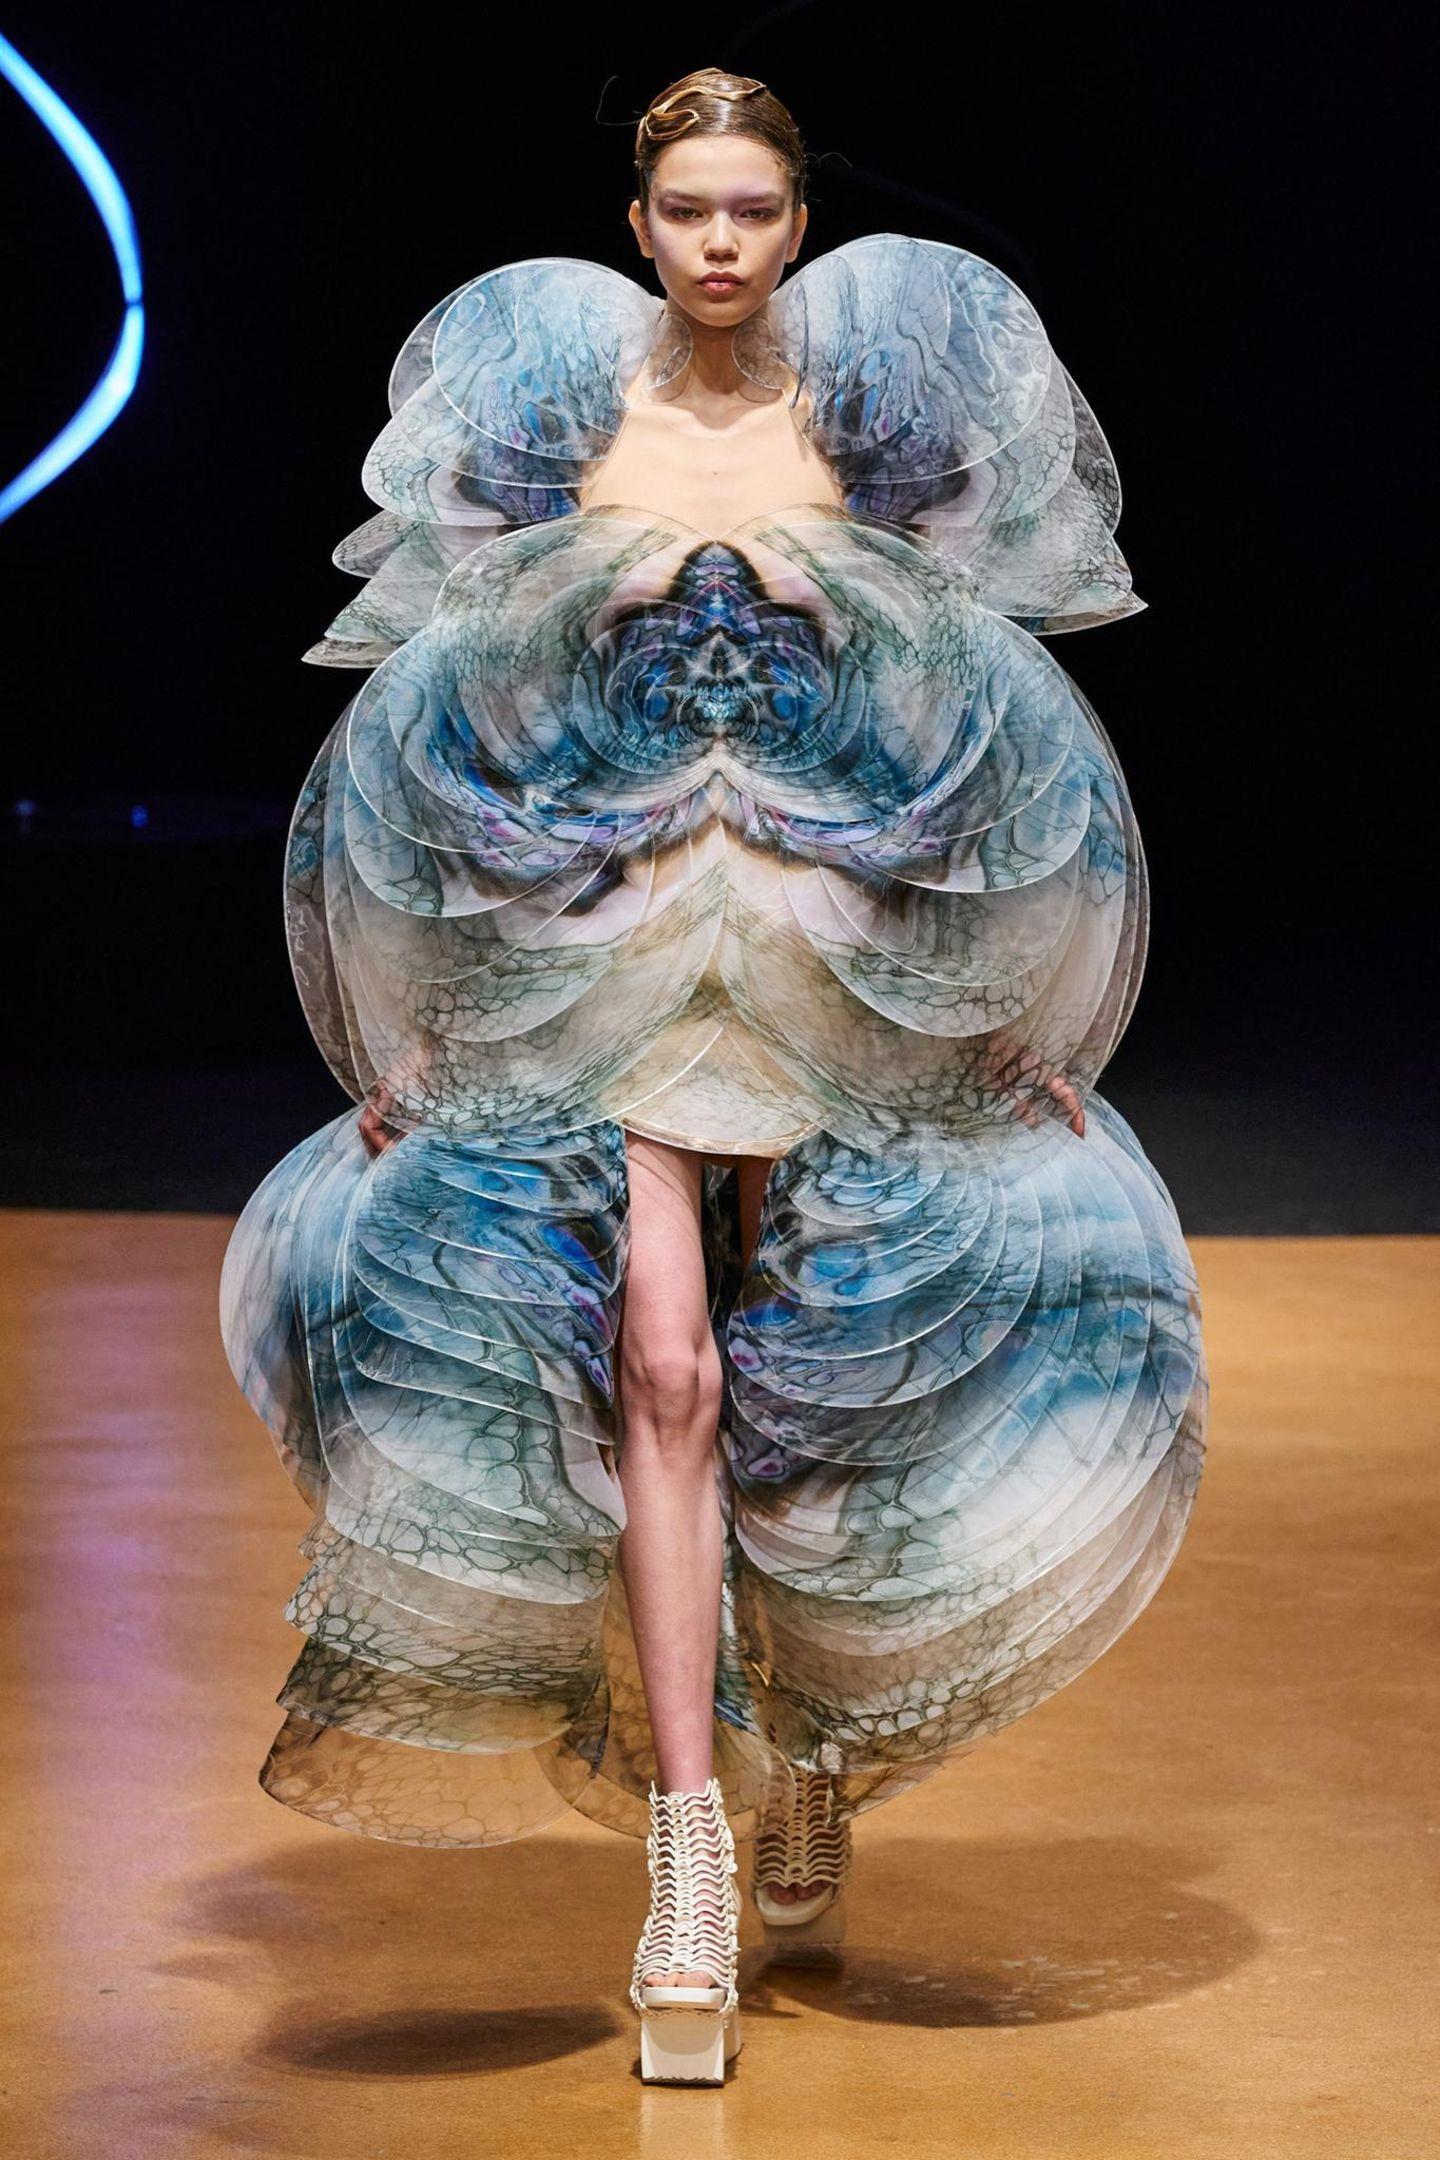 Die niederländische Designerin Iris van Herpen besticht in Paris mit extravaganten Designs, wie dieses Kleid, das an eine Raupe während ihrer Verpuppung erinnert.